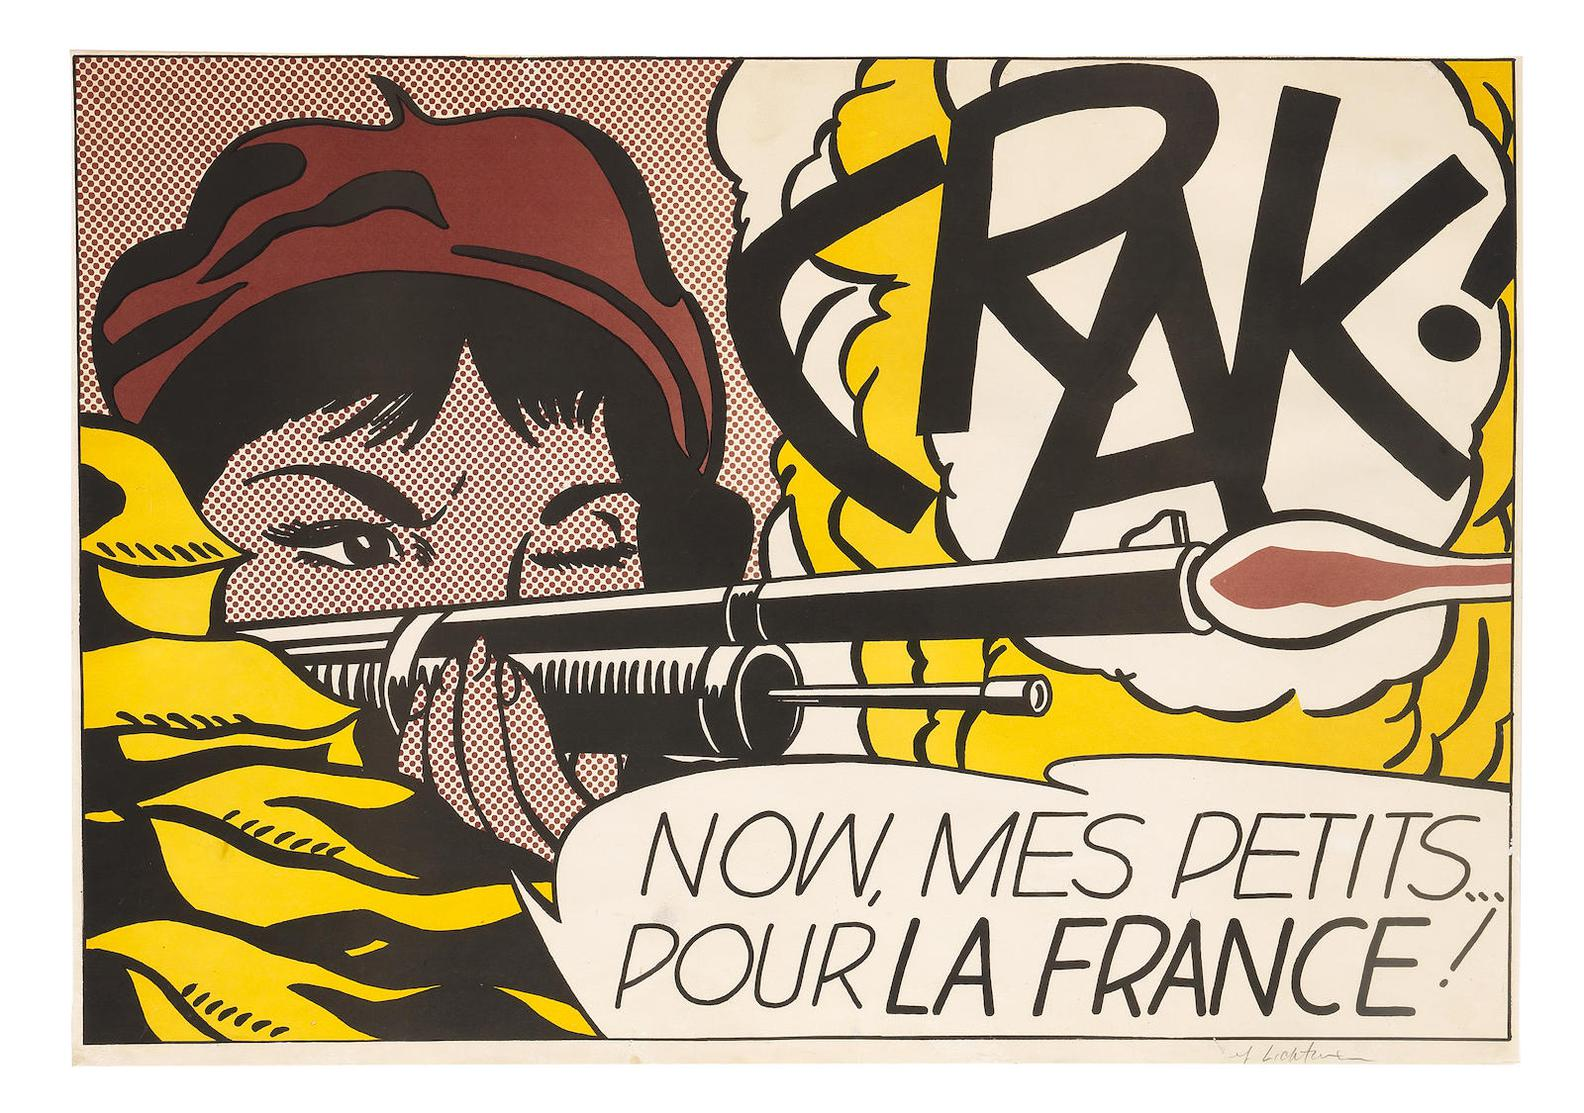 Roy Lichtenstein-Crak! (Corlett II.2)-1964